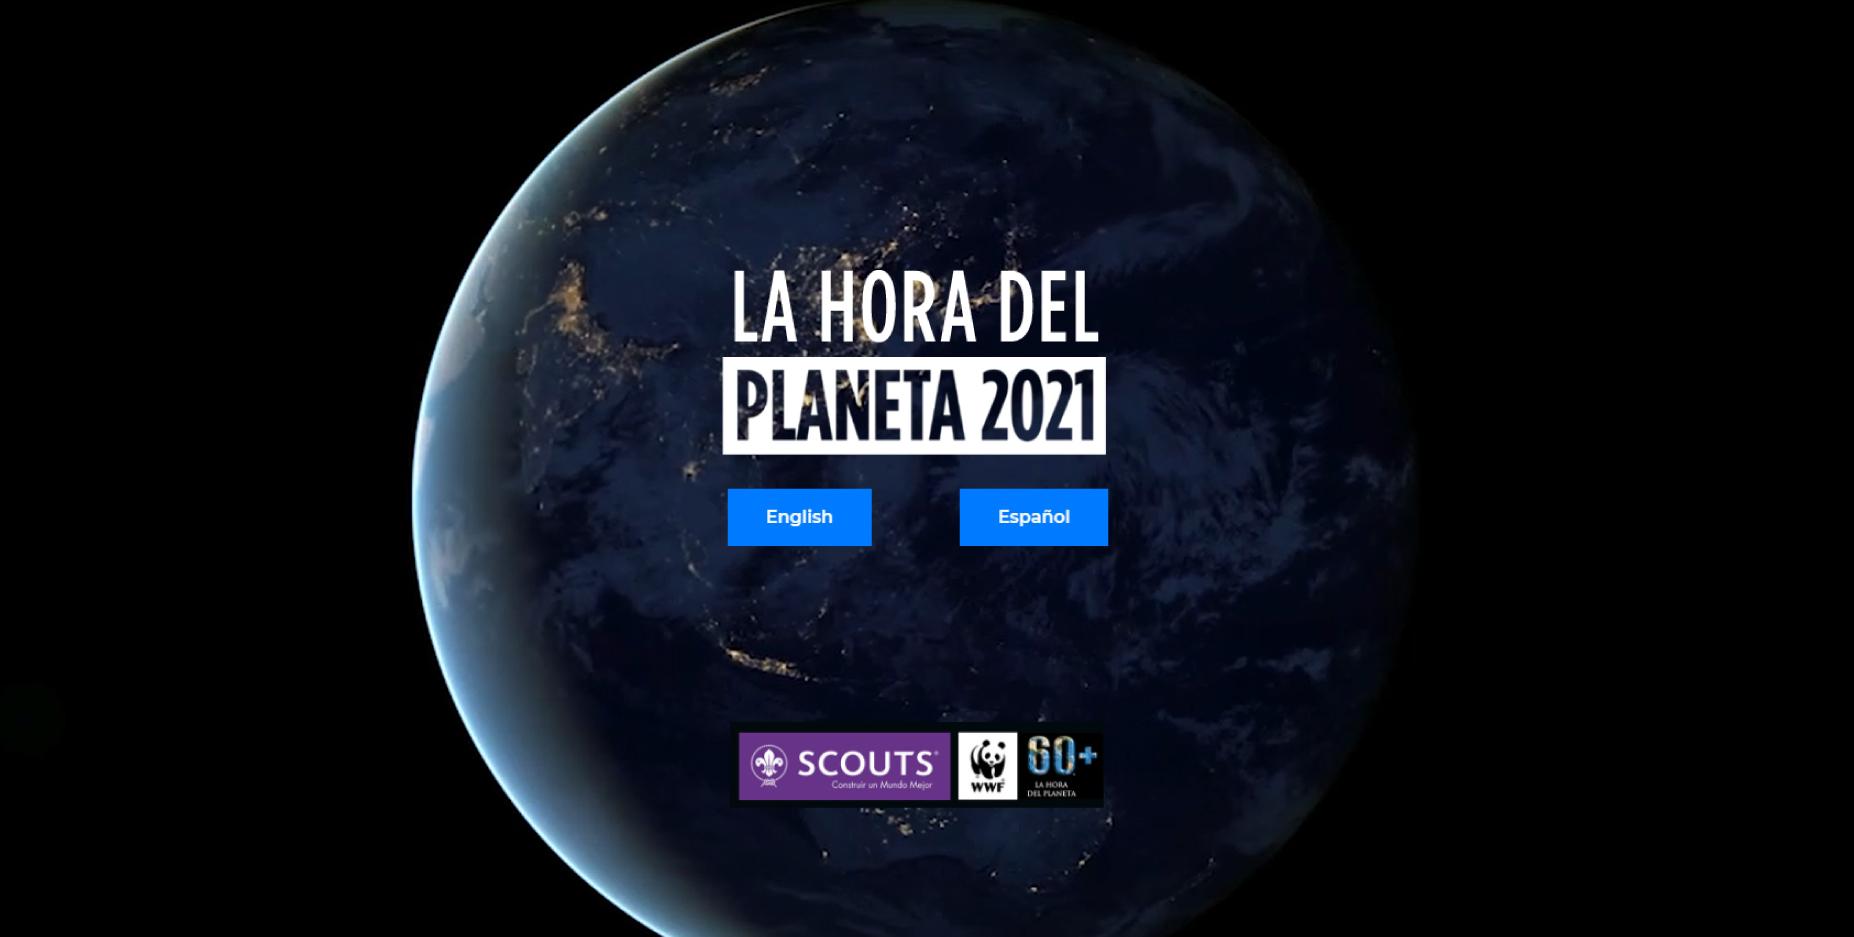 Este año, por la pandemia el WWF Guatemala / Mesoamérica realizará el evento de la Hora del Planeta de forma digital